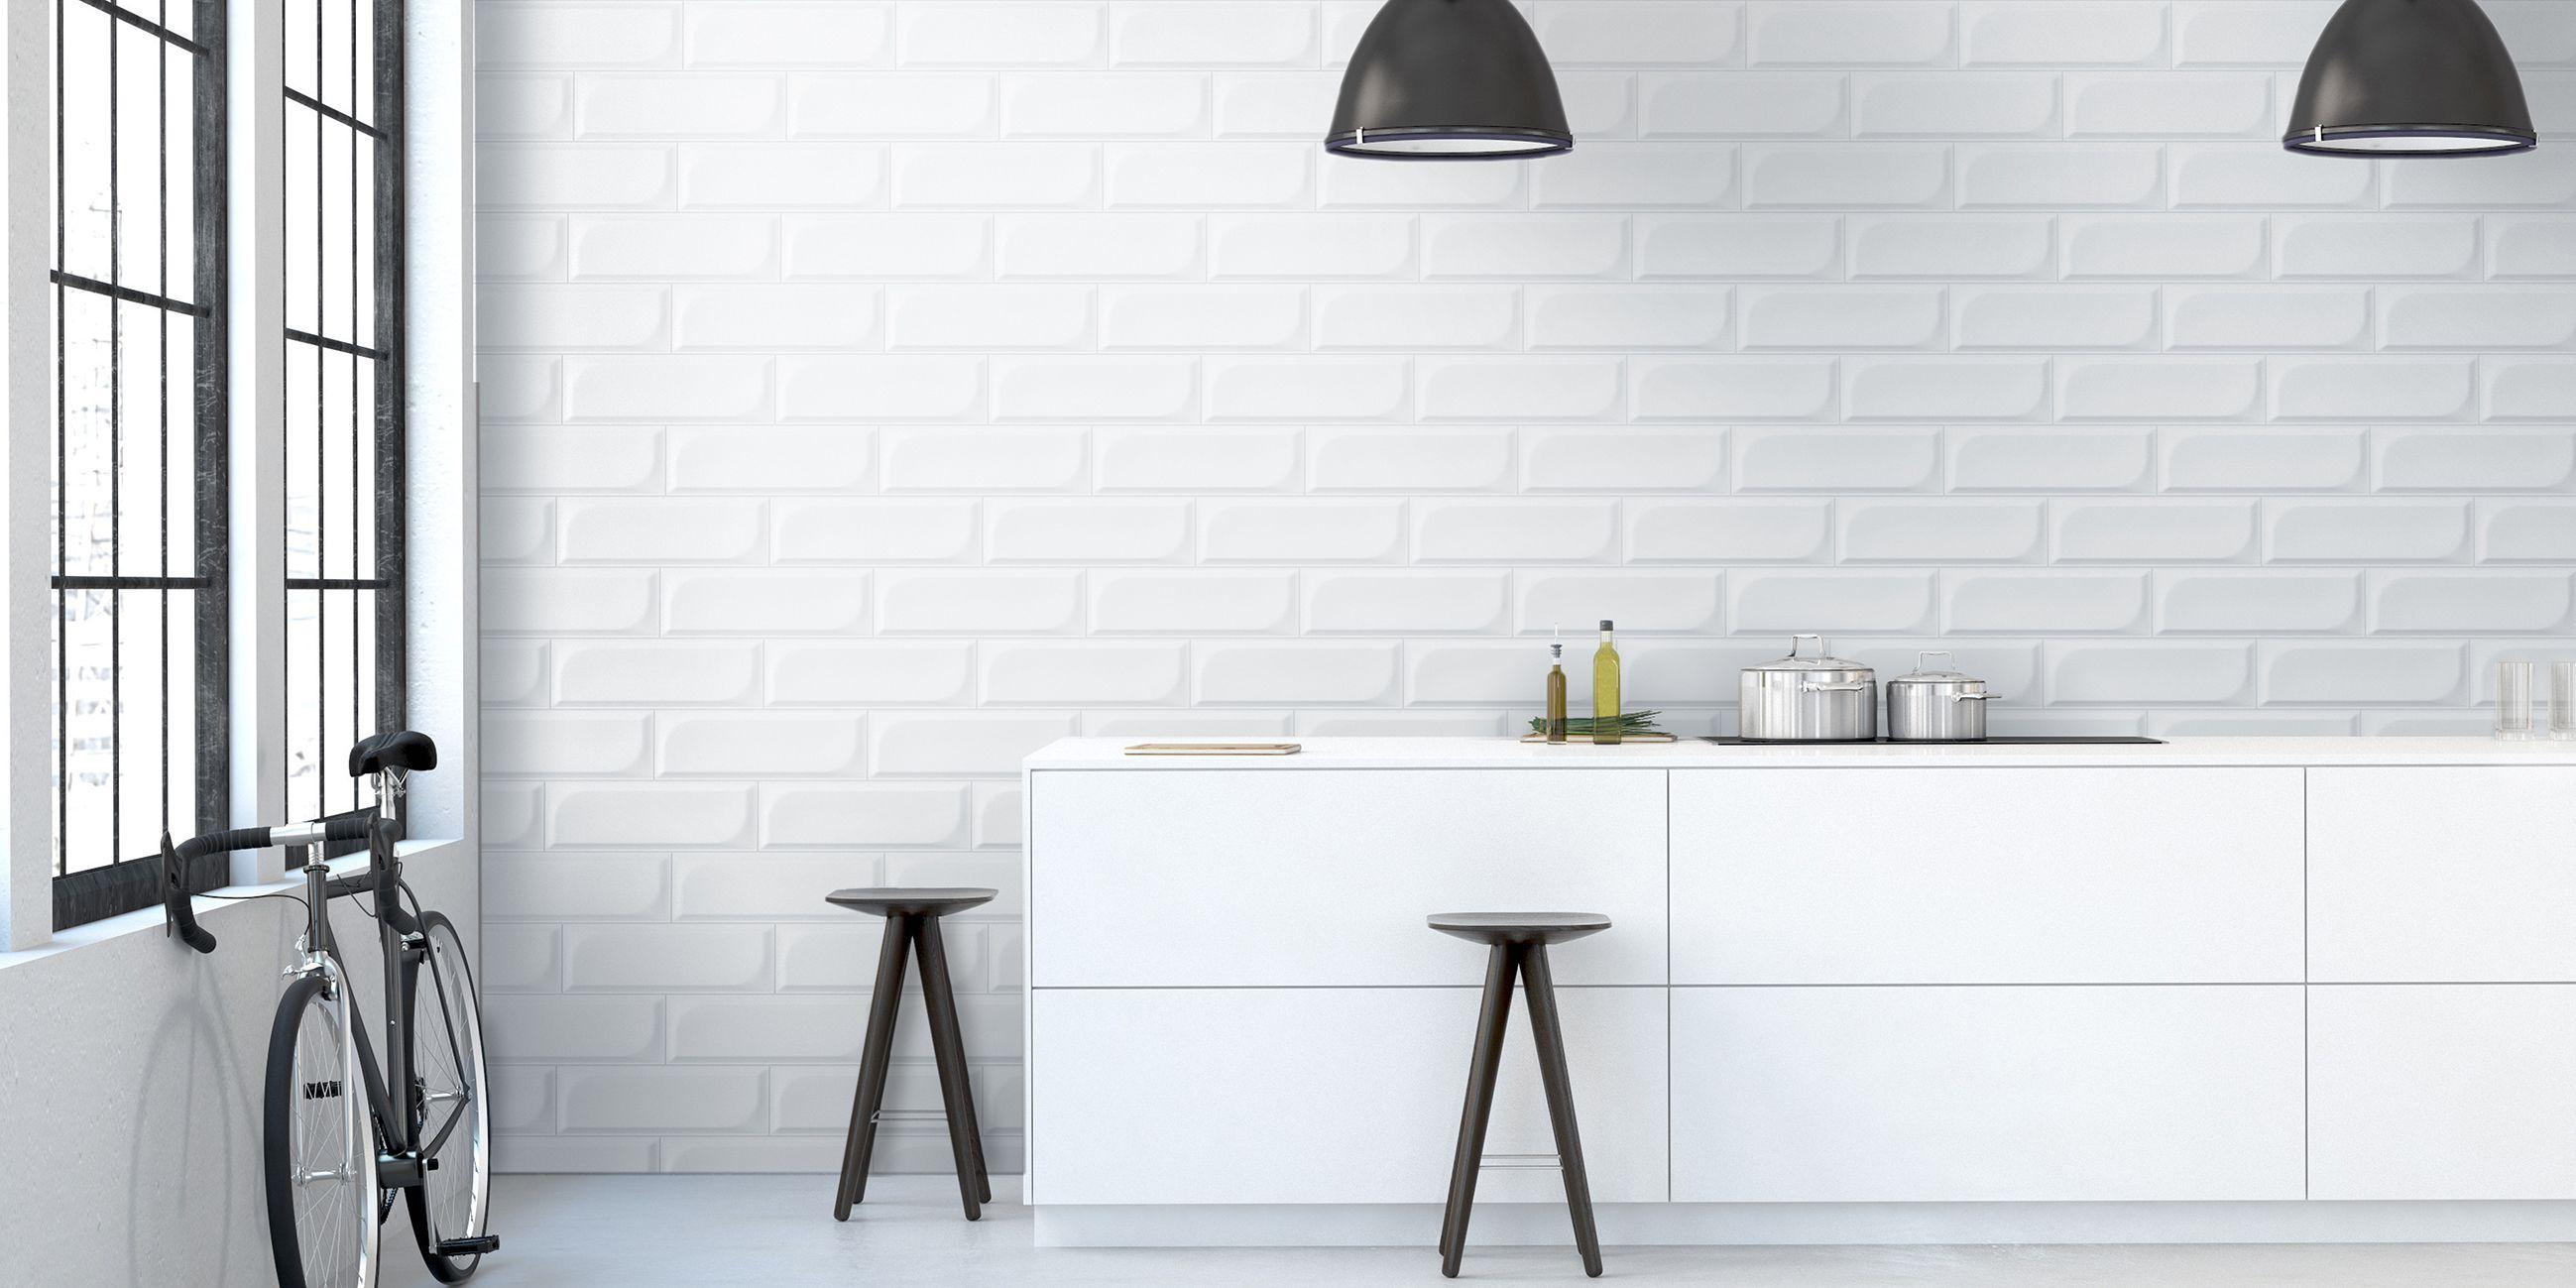 Ambient Ceramic Relief 4 92 X 14 76 In Colours White Ambiente Con Relieve Ceramico De 12 5 X 37 5 Cm En Colores Decoracion De Unas Azulejos Colores Blancos